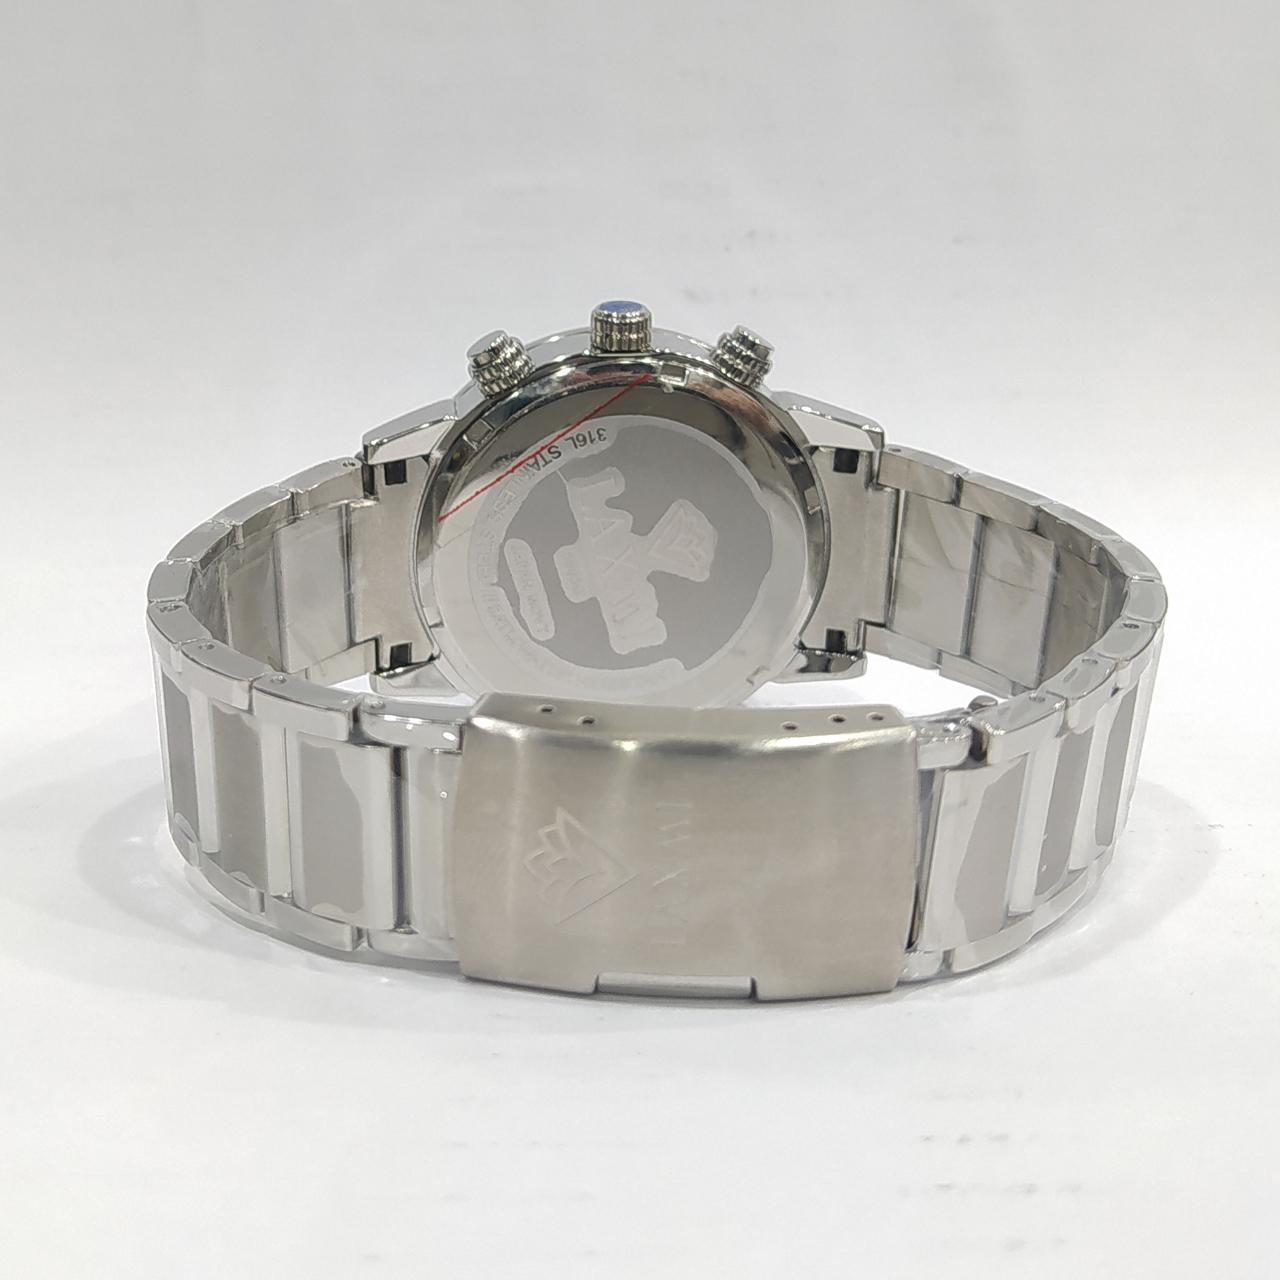 ست ساعت مچی عقربه ای زنانه و مردانه لاکسمی مدل 8503G-8503L-13